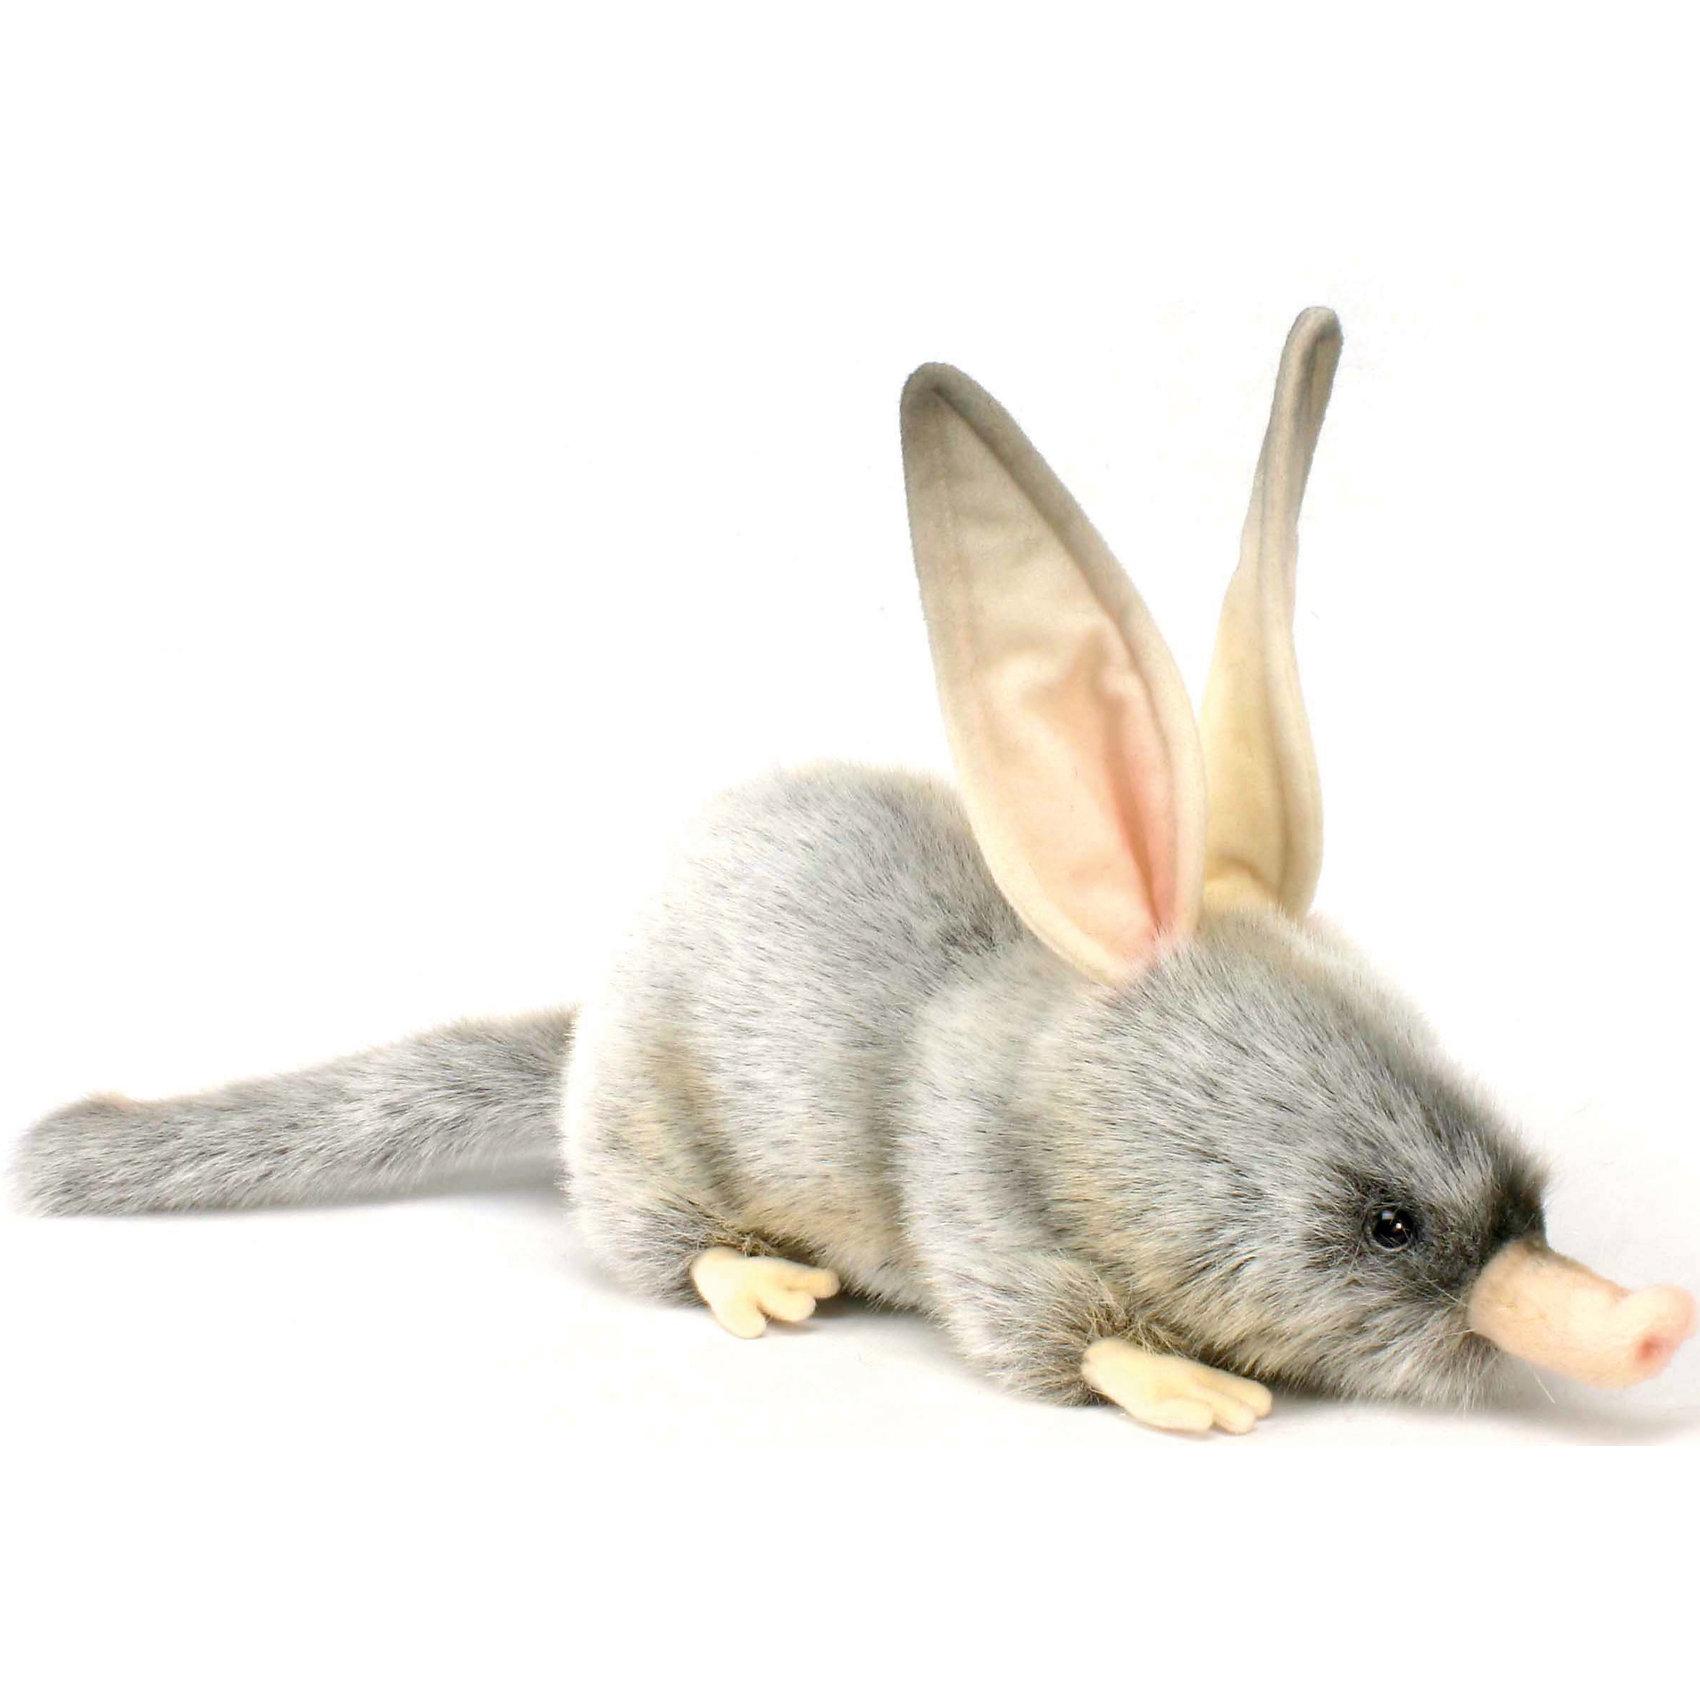 Билби, 35 смЗвери и птицы<br>Билби, 35 см – игрушка от знаменитого бренда Hansa, специализирующегося на выпуске мягких игрушек с высокой степенью натуралистичности. Внешний вид игрушечного билби полностью соответствует реальному прототипу – ушастому сумчатому барсуку. Он выполнен из искусственного меха серого меланжевого цвета с длинным ворсом, длинные ушки и лапки – текстильные. Использованные материалы обладают гипоаллергенными свойствами. Внутри игрушки имеется металлический каркас, позволяющий изменять положение. <br>Игрушка относится к серии Дикие животные. <br>Мягкие игрушки от Hansa подходят для сюжетно-ролевых игр, для обучающих игр, направленных на знакомство с животным миром дикой природы. Кроме того, их можно использовать в качестве интерьерных игрушек. Коллекция из нескольких игрушек позволяет создать свой домашний зоопарк, который будет радовать вашего ребенка долгое время, так как ручная работа и качественные материалы гарантируют их долговечность и прочность.<br><br>Дополнительная информация:<br><br>- Вид игр: сюжетно-ролевые игры, коллекционирование, интерьерные игрушки<br>- Предназначение: для дома, для детских развивающих центров, для детских садов<br>- Материал: искусственный мех, наполнитель ? полиэфирное волокно<br>- Размер (ДхШхВ): 35*22*12 см<br>- Вес: 450 г<br>- Особенности ухода: сухая чистка при помощи пылесоса или щетки для одежды<br><br>Подробнее:<br><br>• Для детей в возрасте: от 3 лет <br>• Страна производитель: Филиппины<br>• Торговый бренд: Hansa<br><br>Билби, 35 см можно купить в нашем интернет-магазине.<br><br>Ширина мм: 35<br>Глубина мм: 22<br>Высота мм: 12<br>Вес г: 450<br>Возраст от месяцев: 36<br>Возраст до месяцев: 2147483647<br>Пол: Унисекс<br>Возраст: Детский<br>SKU: 4927142